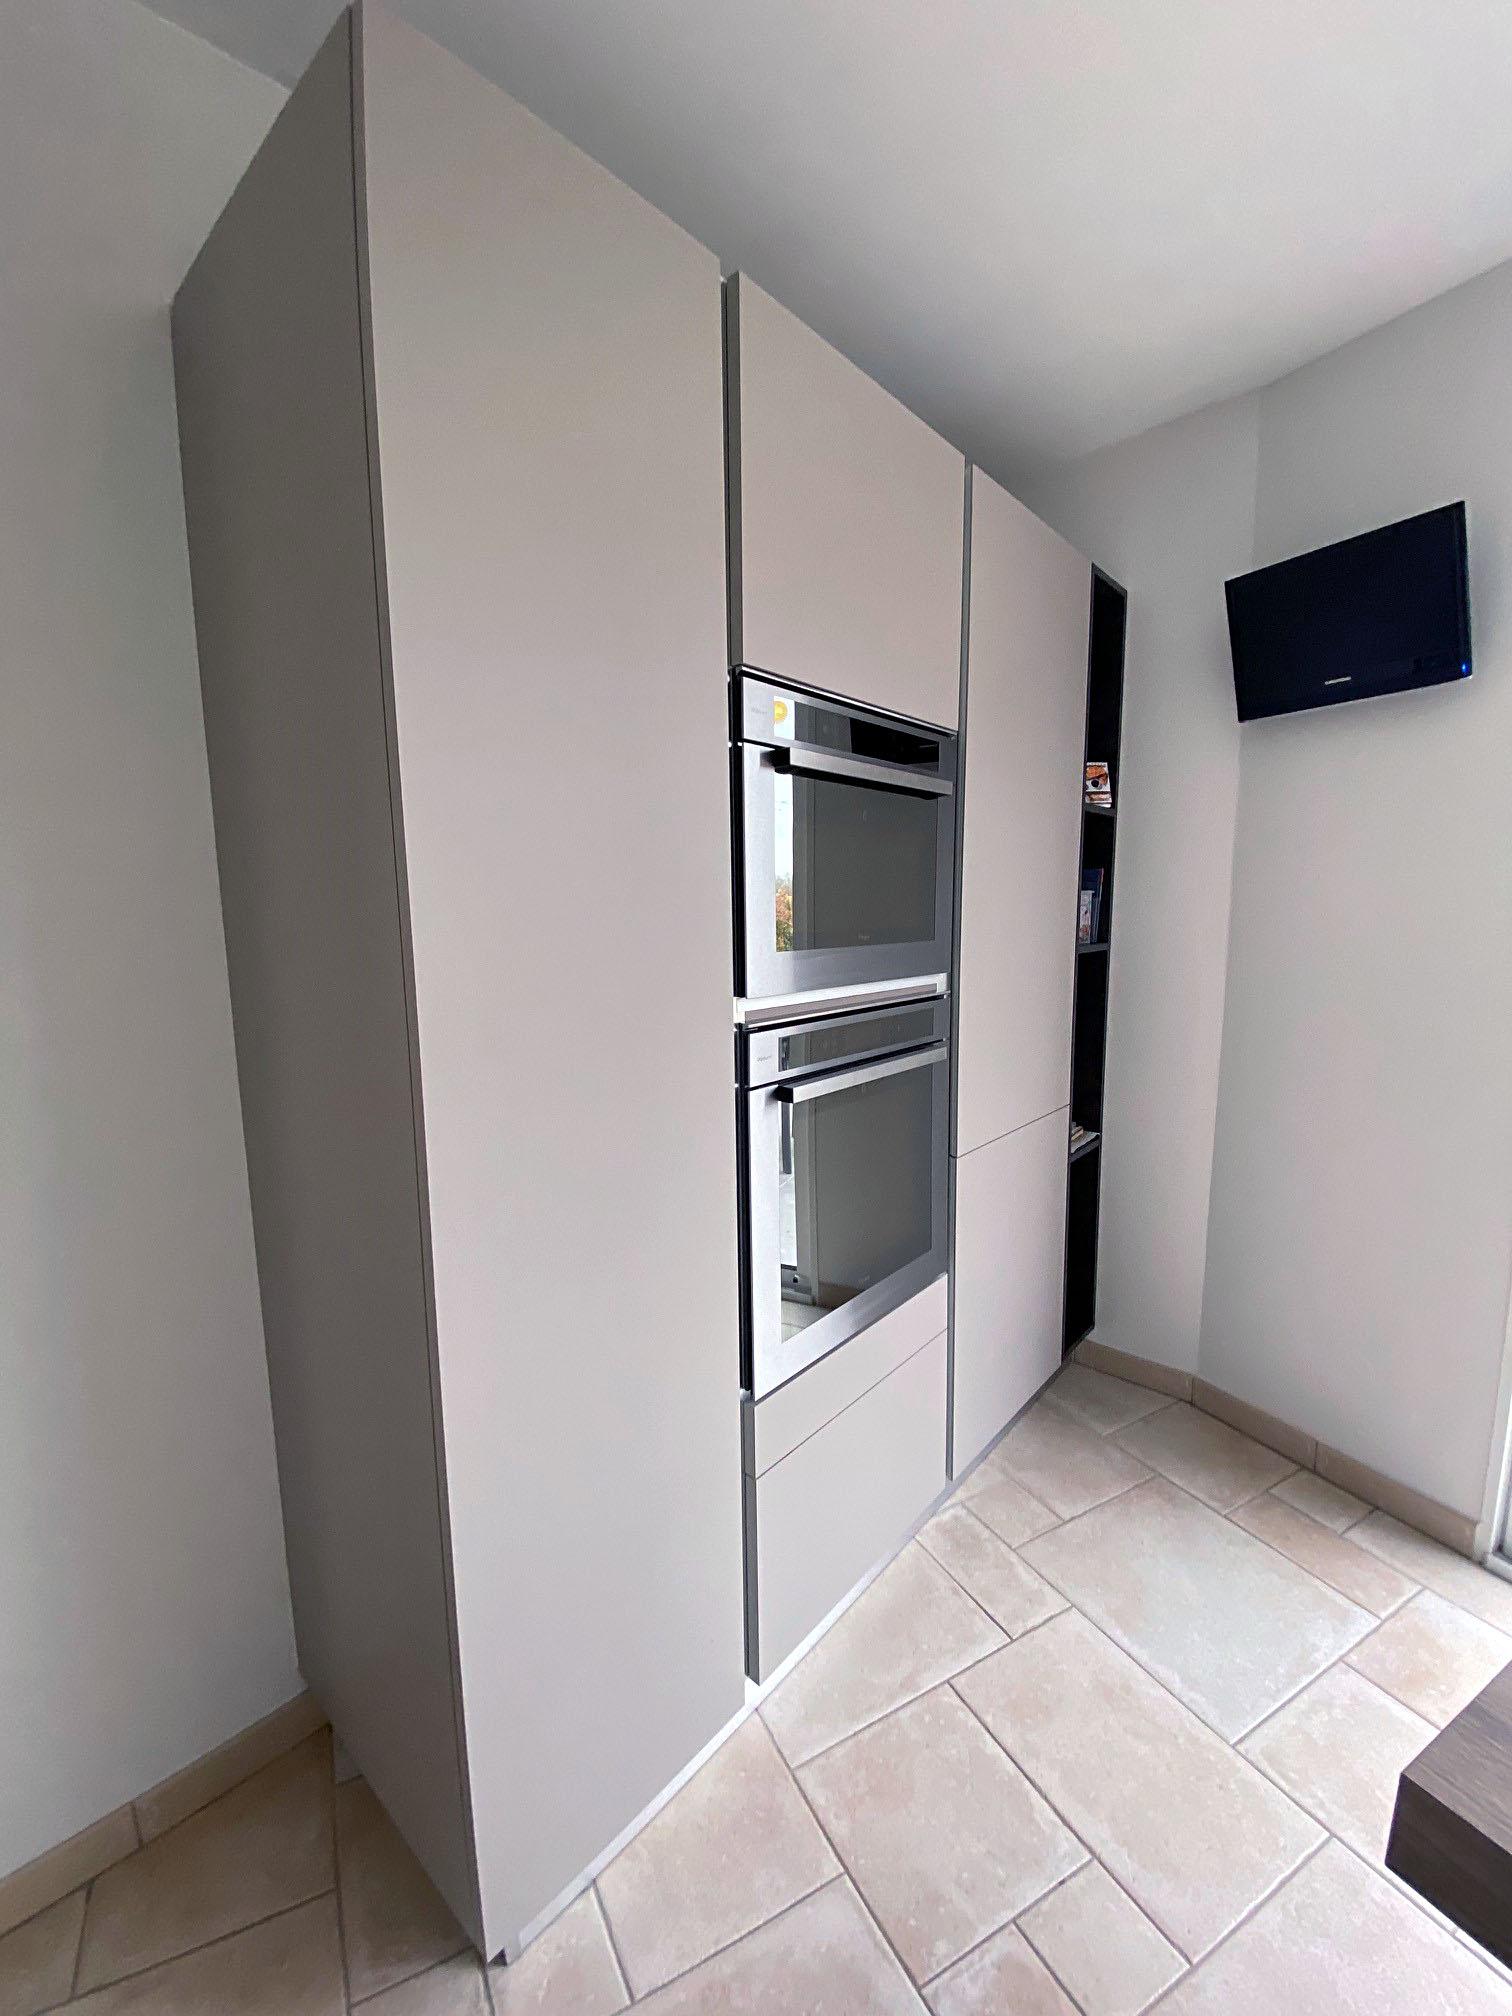 Colonne de meuble gris avec four encastrable